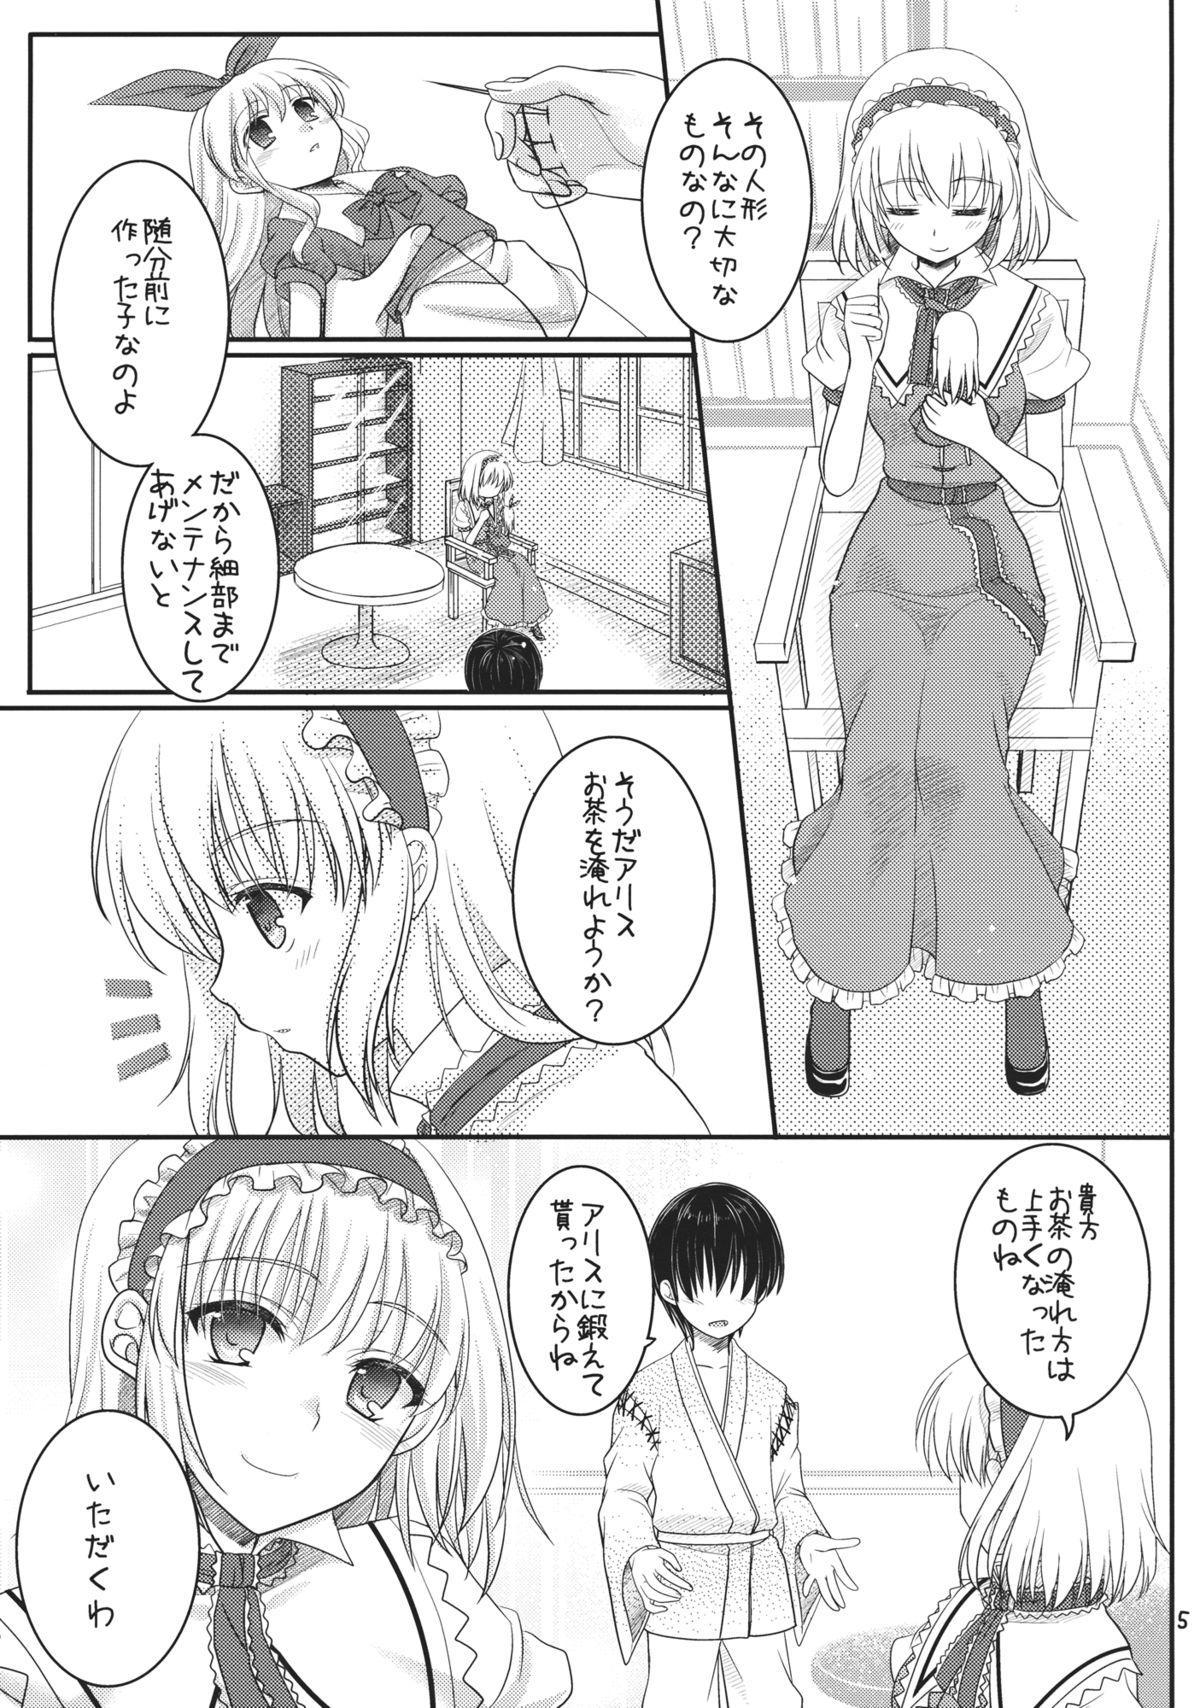 Nanairo to Koibito Play 3 3